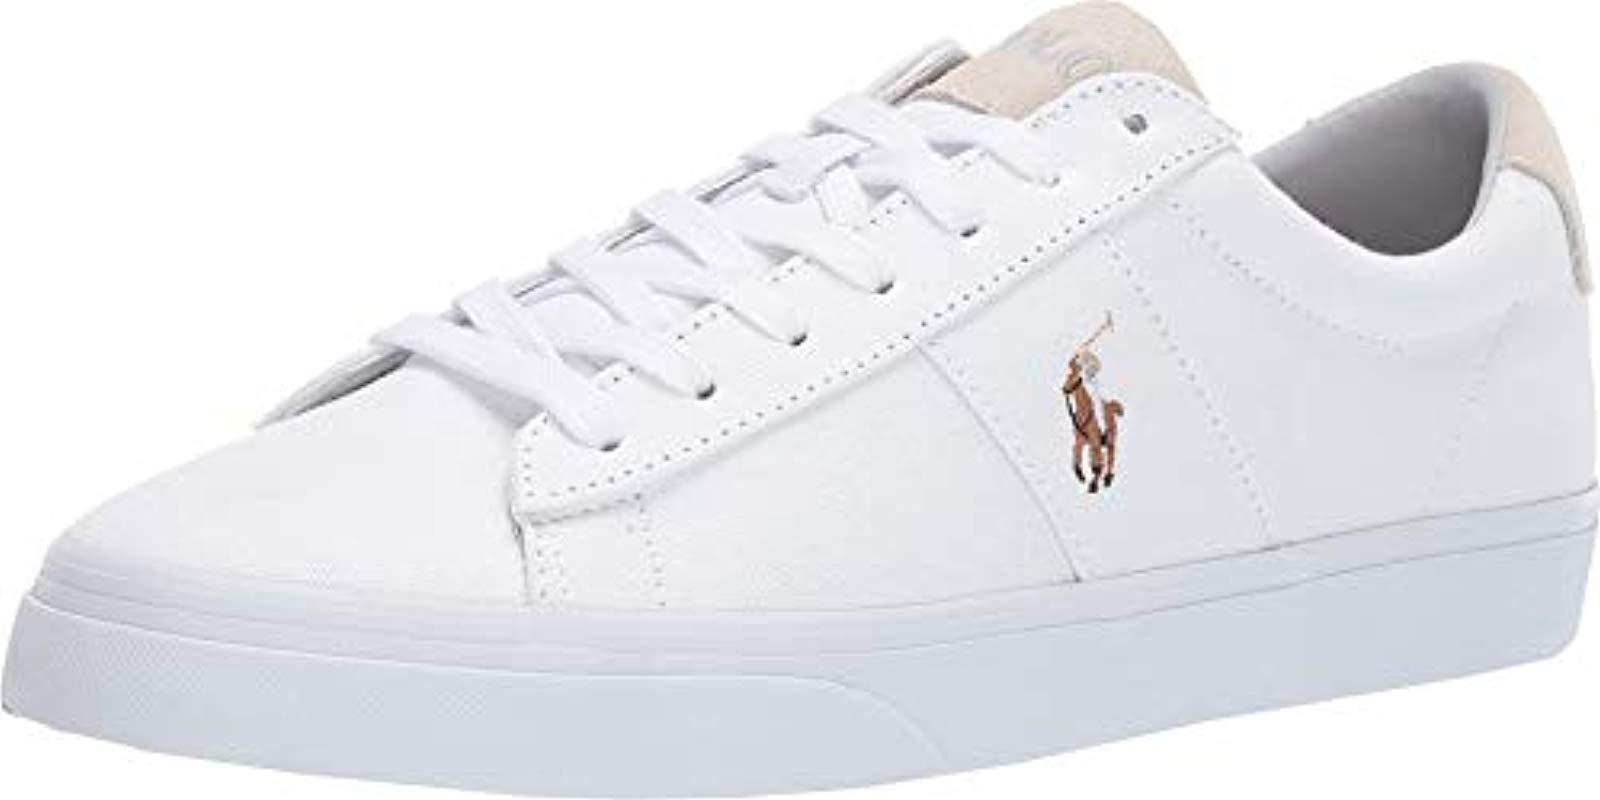 325c815206e Lyst - Polo Ralph Lauren Sayer Sneaker White 8.5 D Us in White for Men